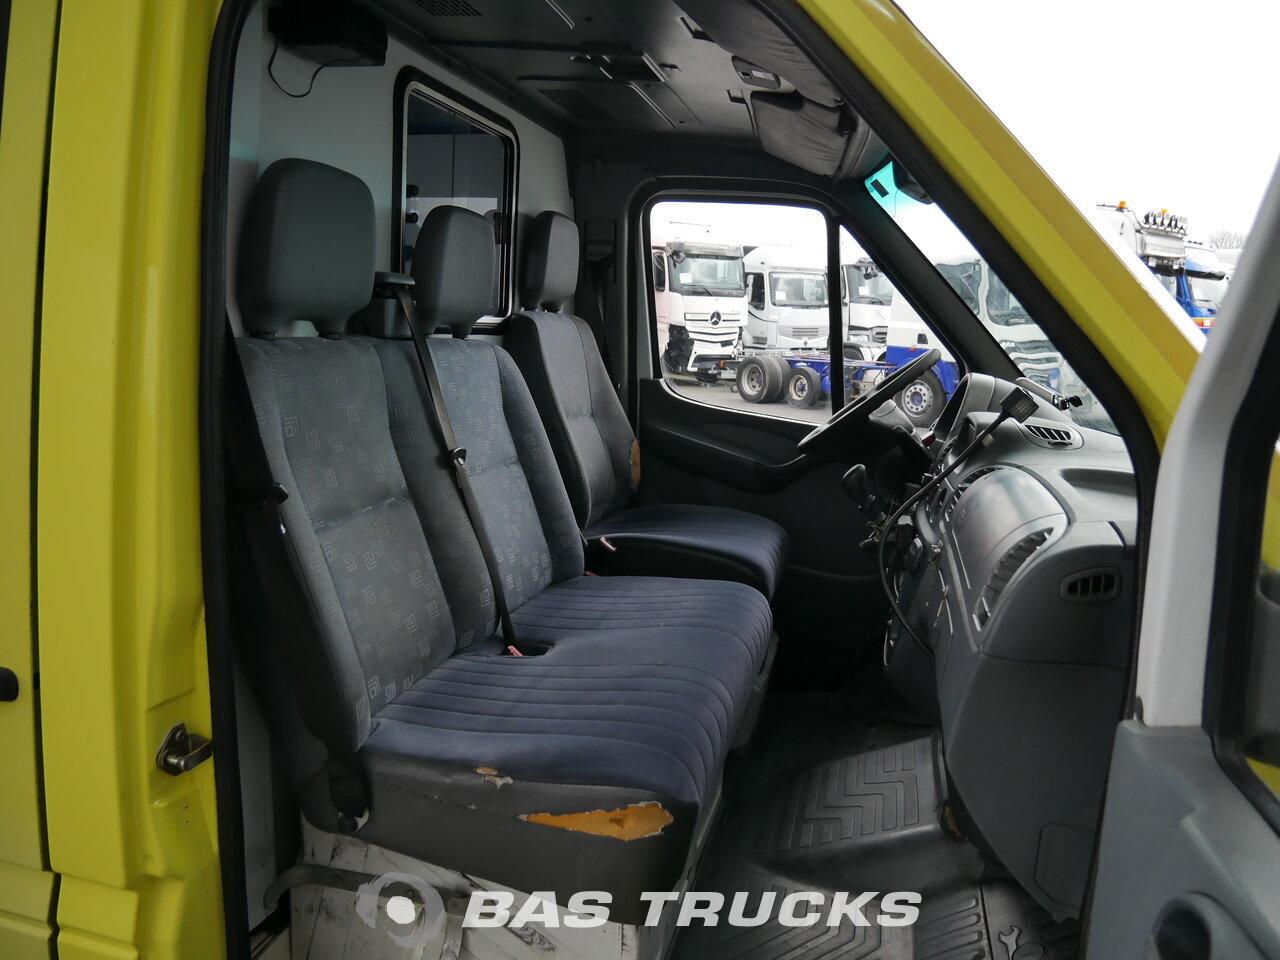 mercedes sprinter leichte nutzfahrzeuge euro 0 6400 bas trucks. Black Bedroom Furniture Sets. Home Design Ideas